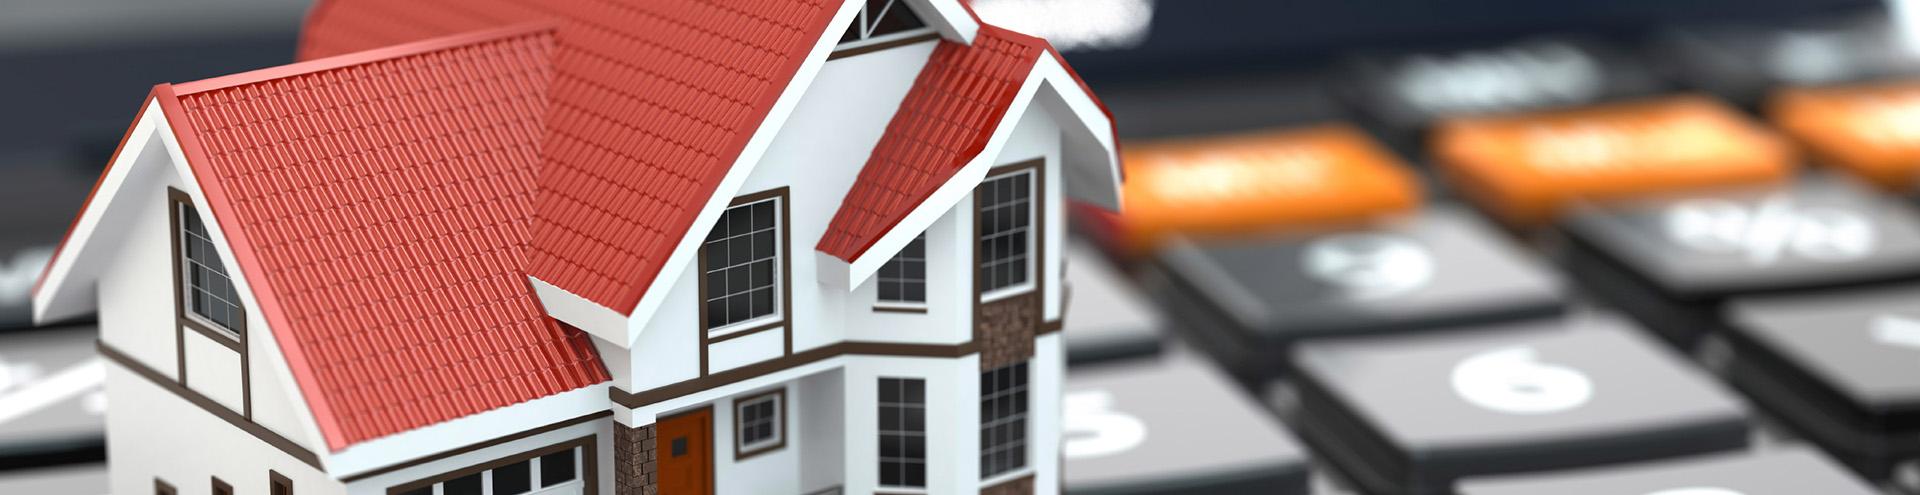 Оспаривание кадастровой стоимости недвижимости в Ижевске и Удмуртской Республике